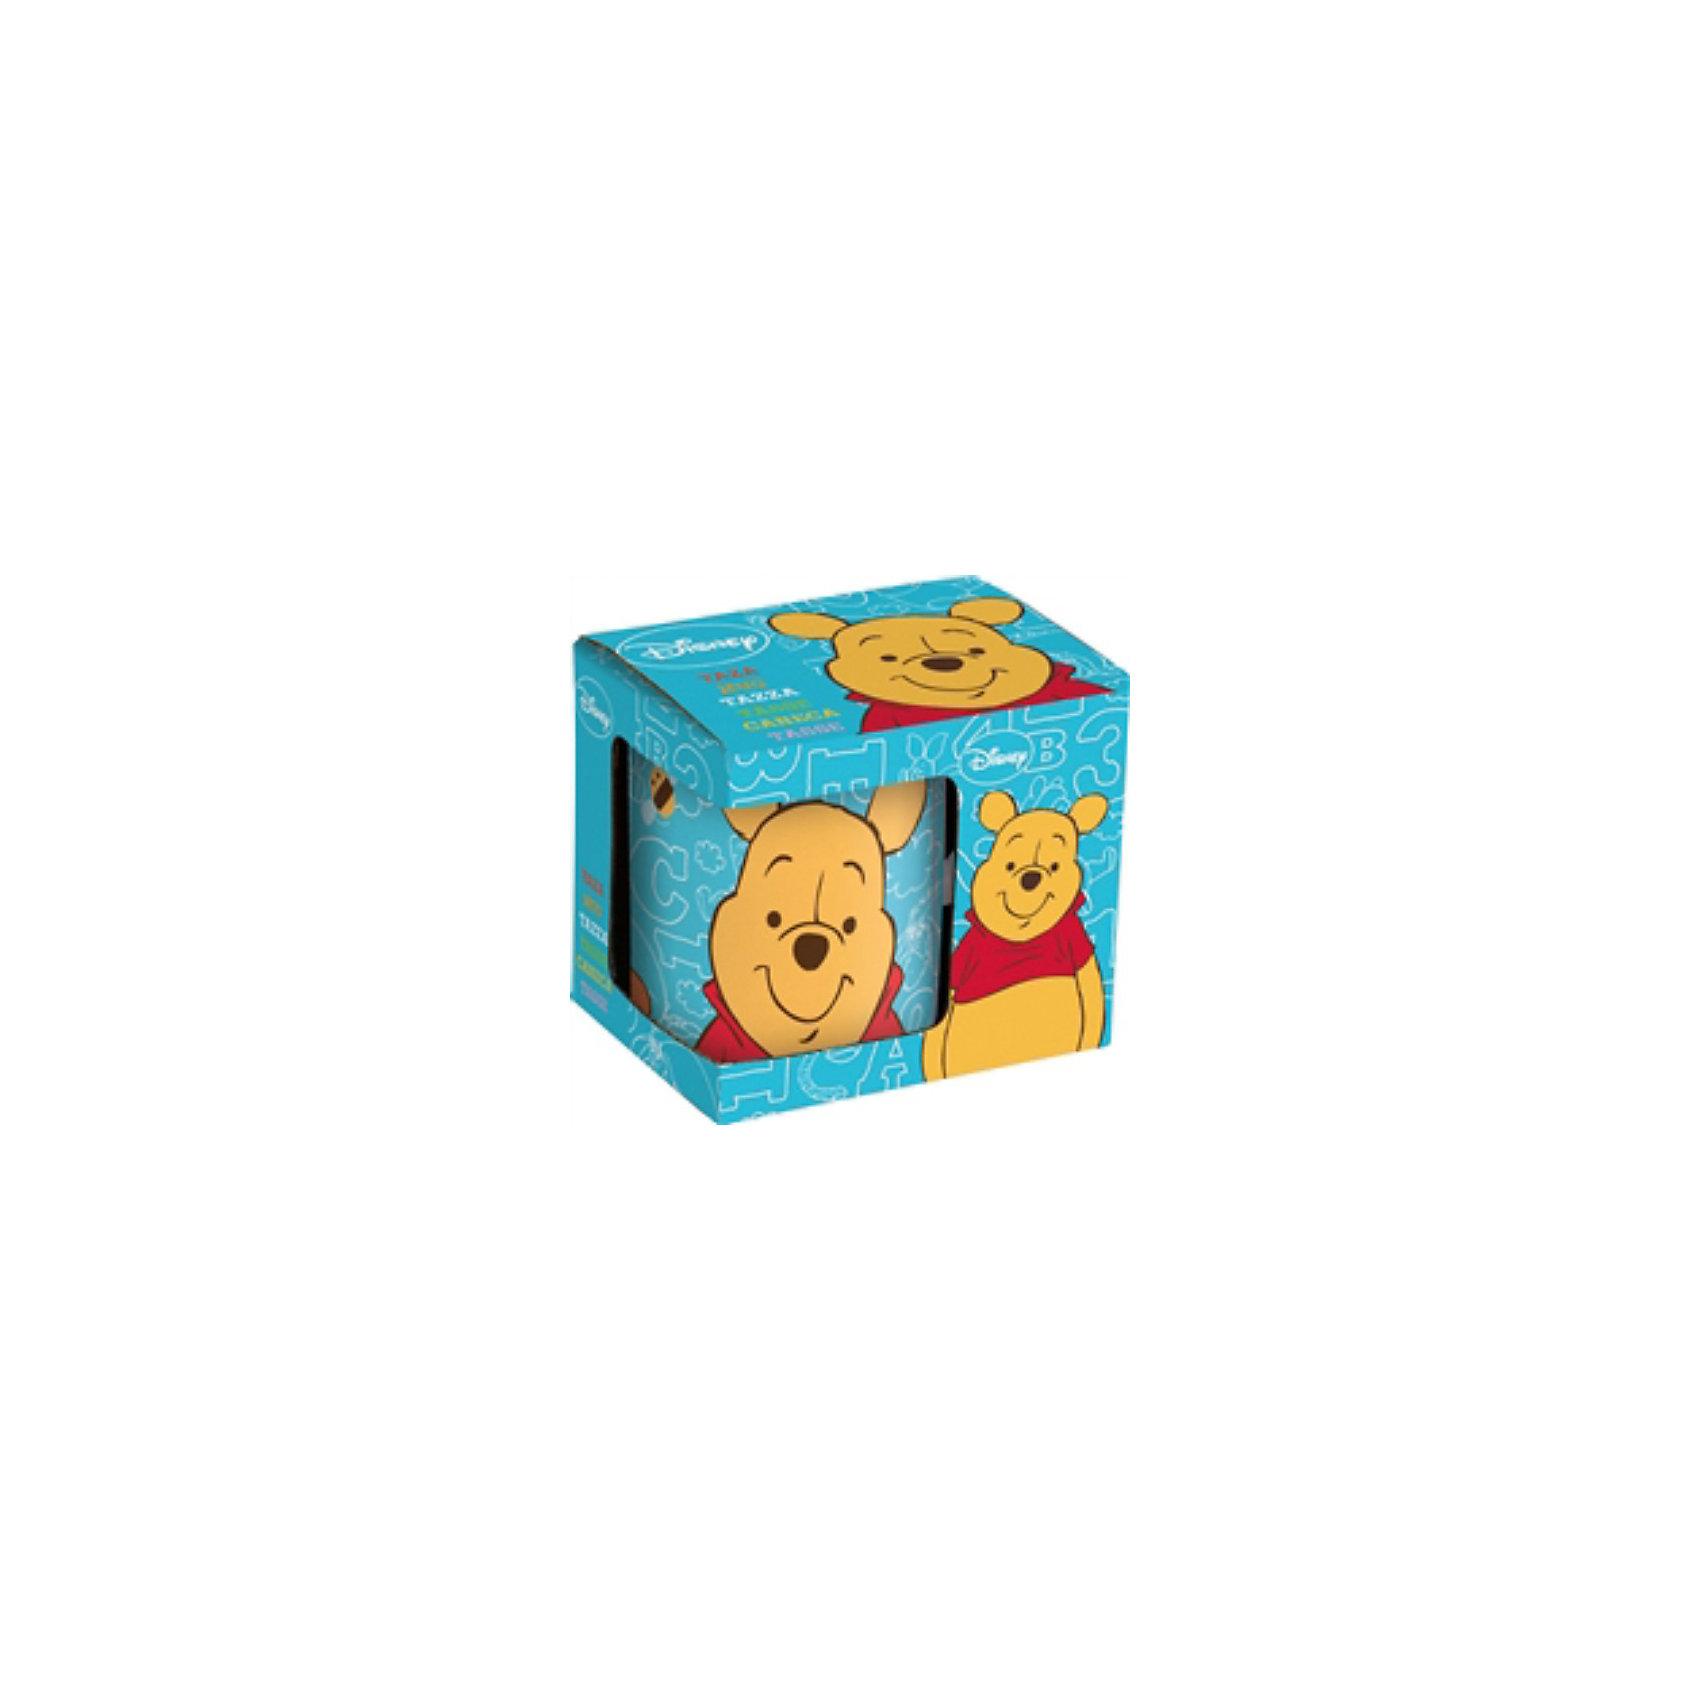 Кружка керамическая в подарочной упаковке (325 мл), Винни ПухКружка керамическая в подарочной упаковке (325 мл), Винни Пух будет хорошим подарком для Вашего ребенка.<br>Керамическая детская кружка порадует Вашего малыша и идеально подойдет для повседневного использования. Кружка оформлена в ярком красочном дизайне по мотивам любимого всеми мультфильма «Винни Пух». Кружка упакована в яркую подарочную коробочку.<br><br>Дополнительная информация:<br><br>- Материал: керамика<br>- Объем: 325 мл.<br>- Размер: 115 х 90 х 105 мм.<br><br>Кружку керамическую в подарочной упаковке (325 мл), Винни Пух можно купить в нашем интернет-магазине.<br><br>Ширина мм: 115<br>Глубина мм: 90<br>Высота мм: 105<br>Вес г: 365<br>Возраст от месяцев: 36<br>Возраст до месяцев: 120<br>Пол: Унисекс<br>Возраст: Детский<br>SKU: 3777957